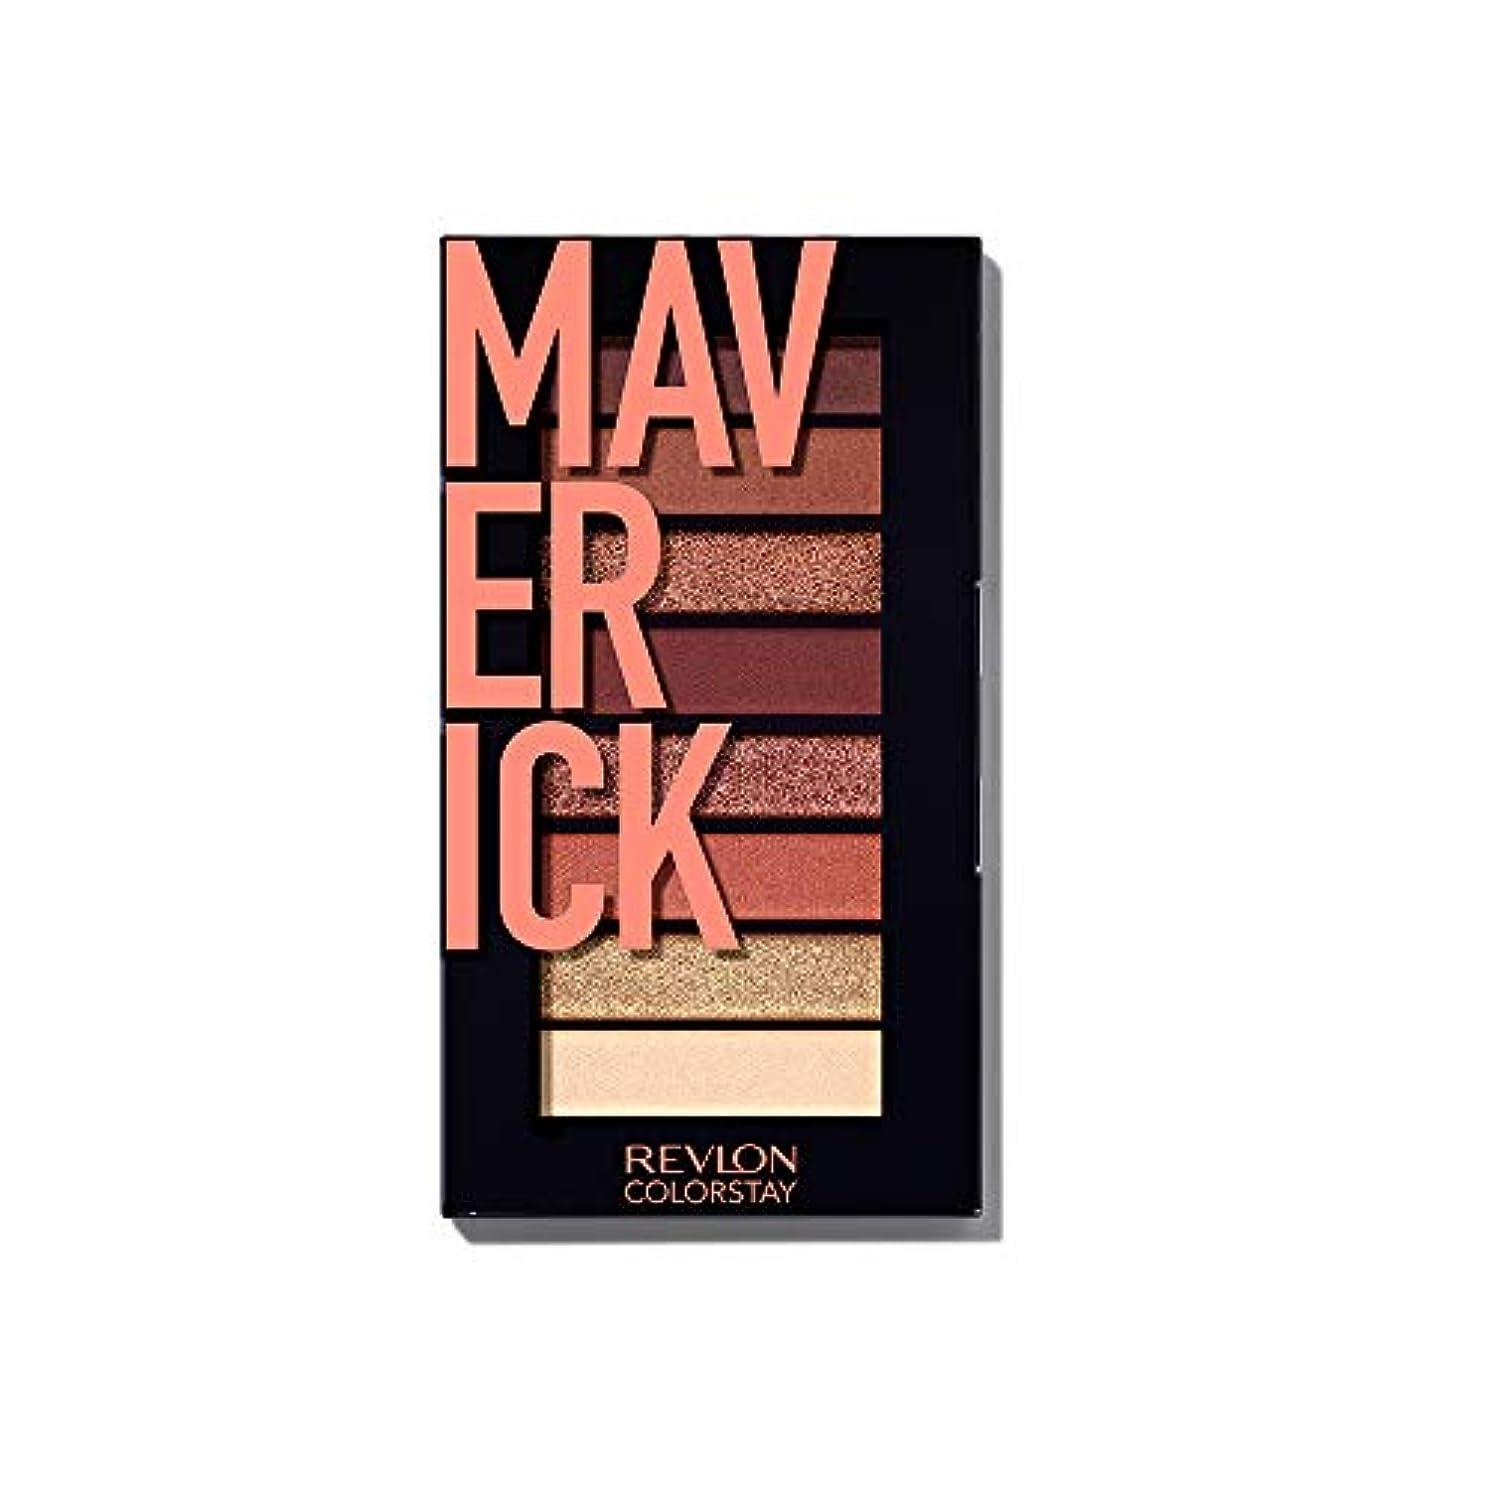 塩辛い床カメレブロン カラーステイ ルックス ブック パレット 930 マーベリック(カラーイメージ:オレンジブラウン系)